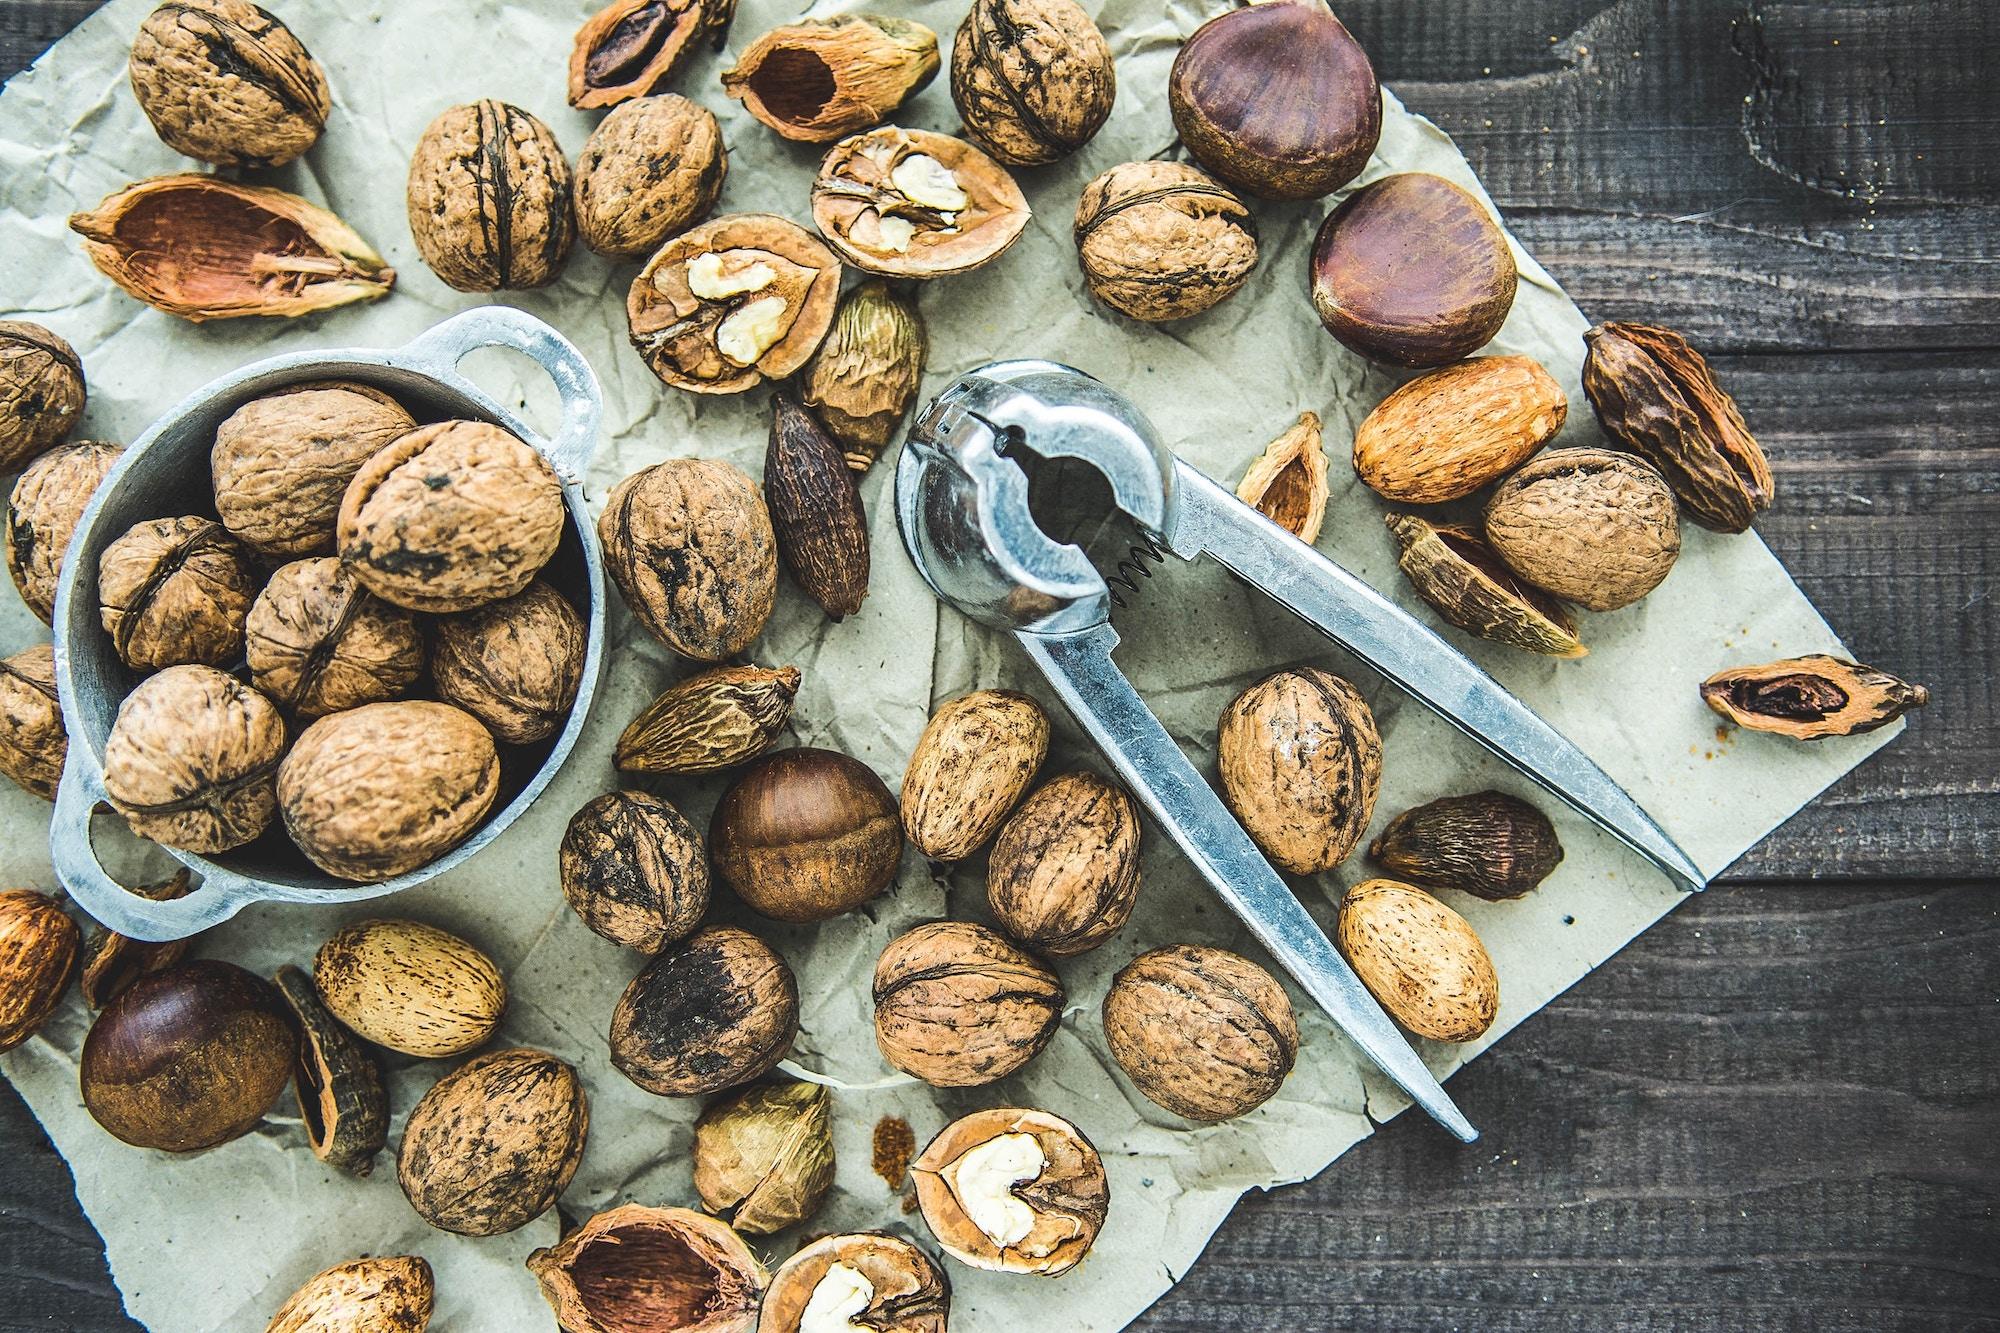 Nueces - como tostar semillas y frutos secos